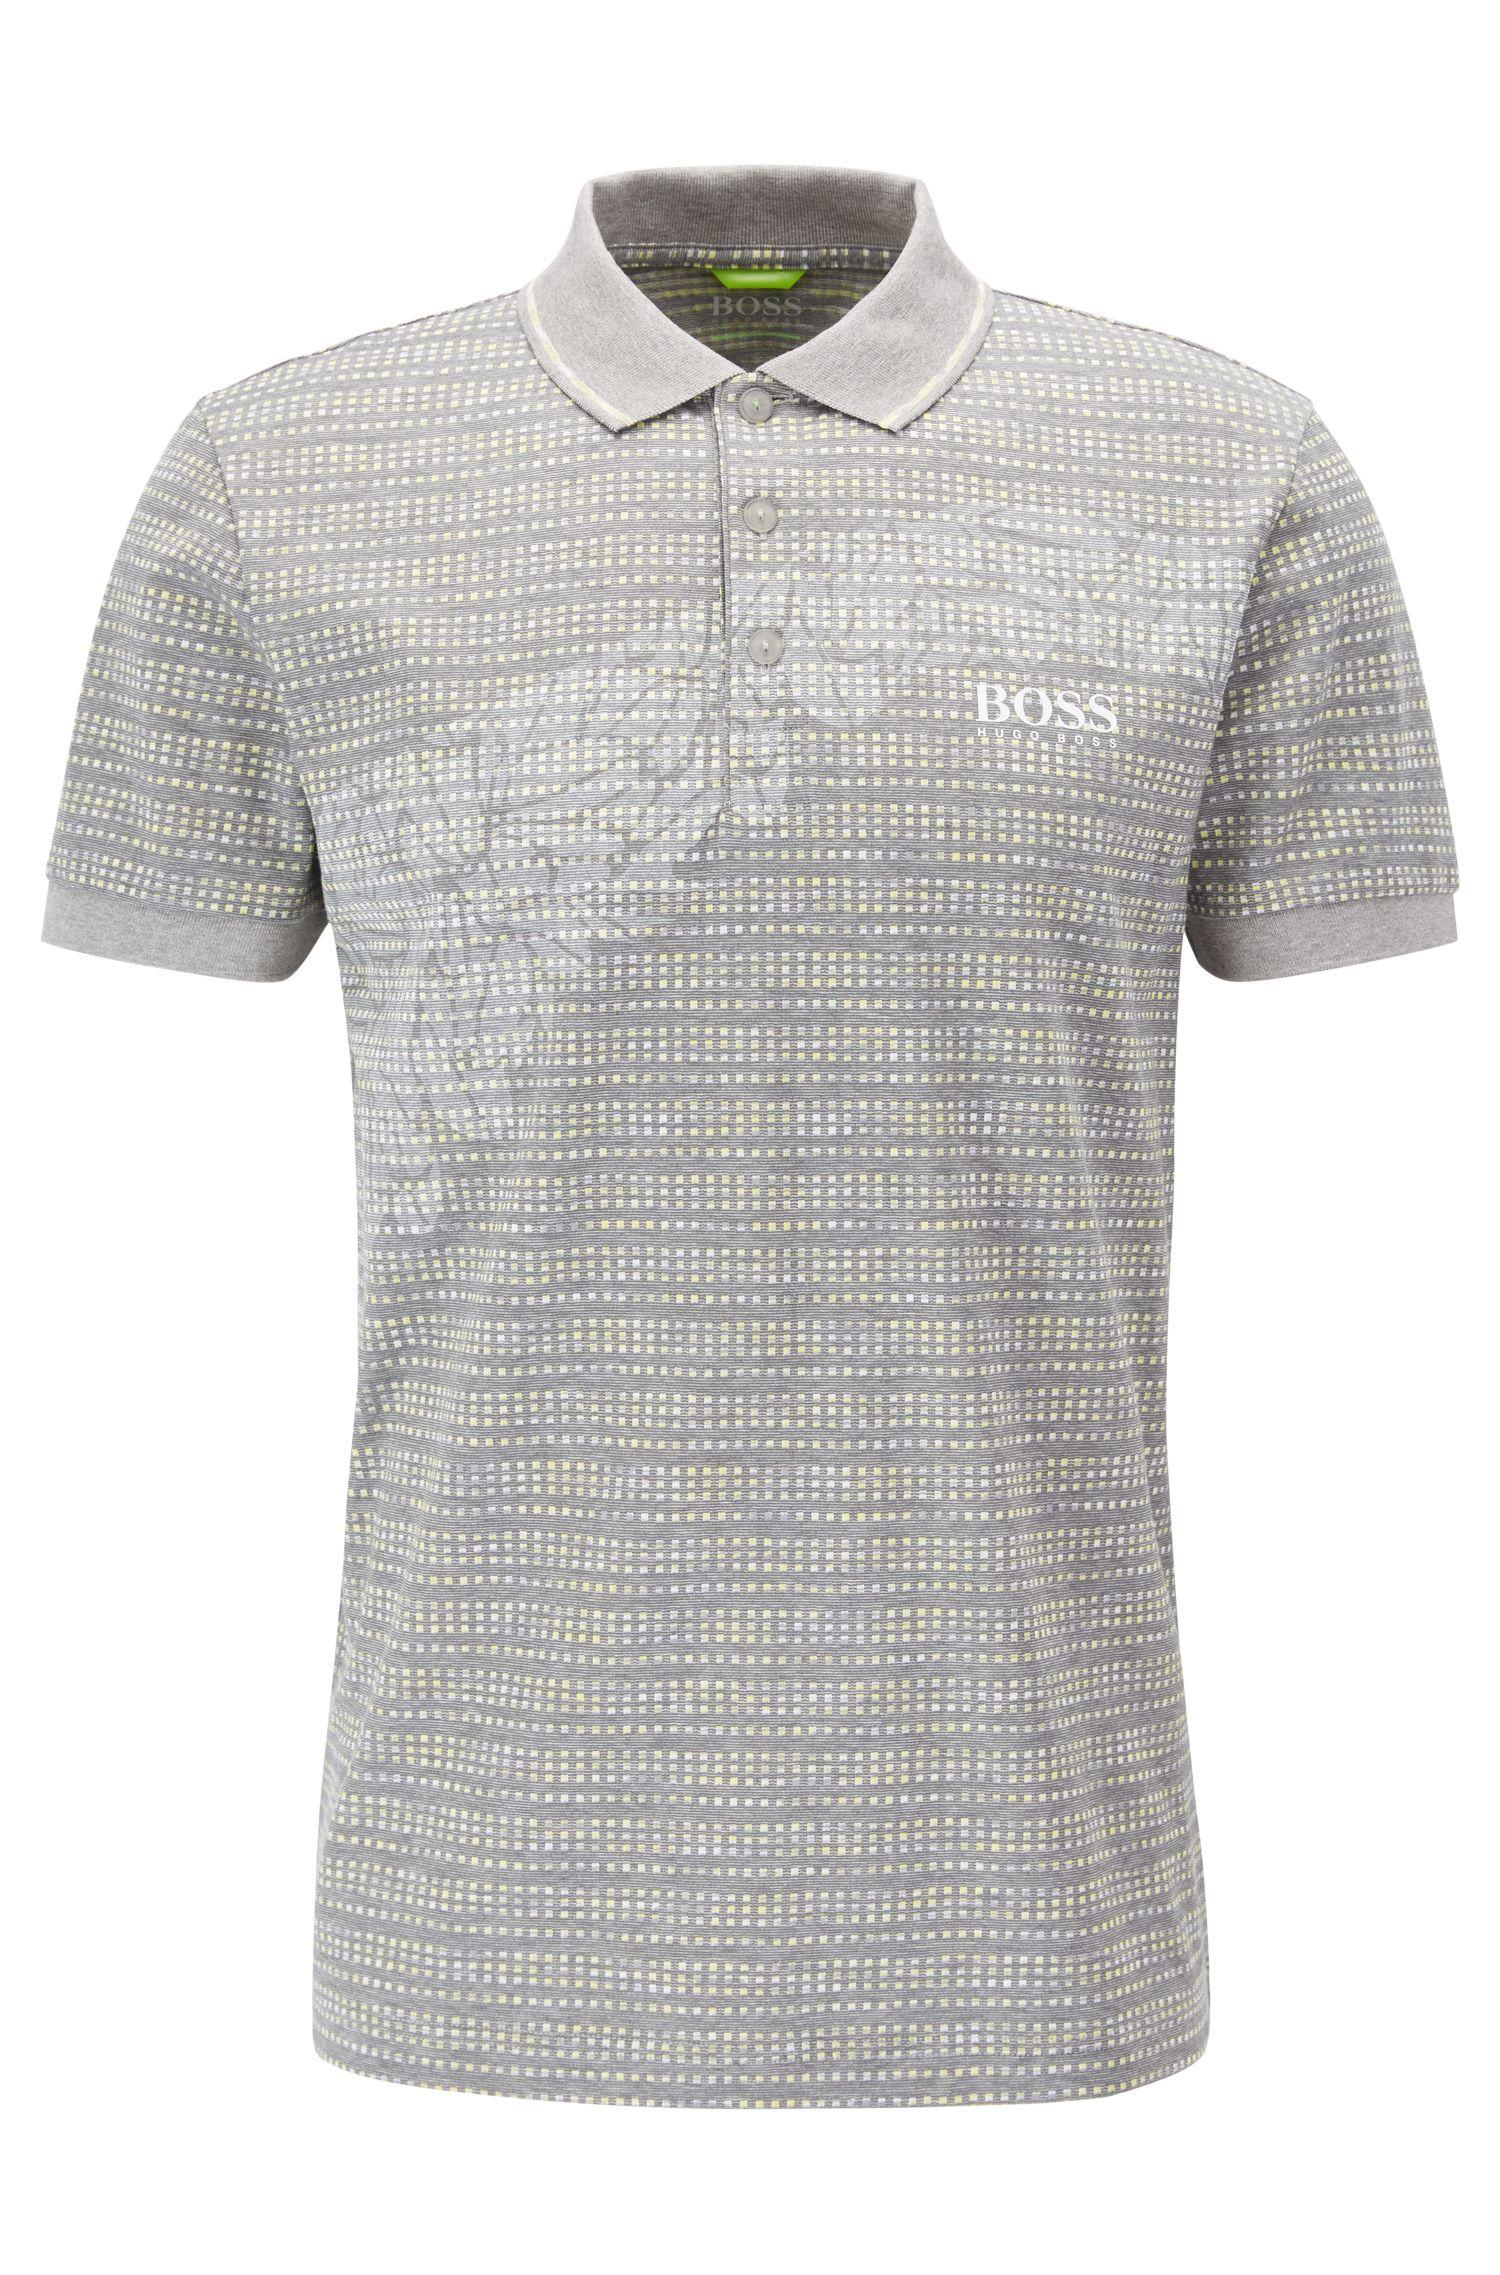 Cotton Blend Polo Shirt, Slim Fit | Paule Pro, Light Grey